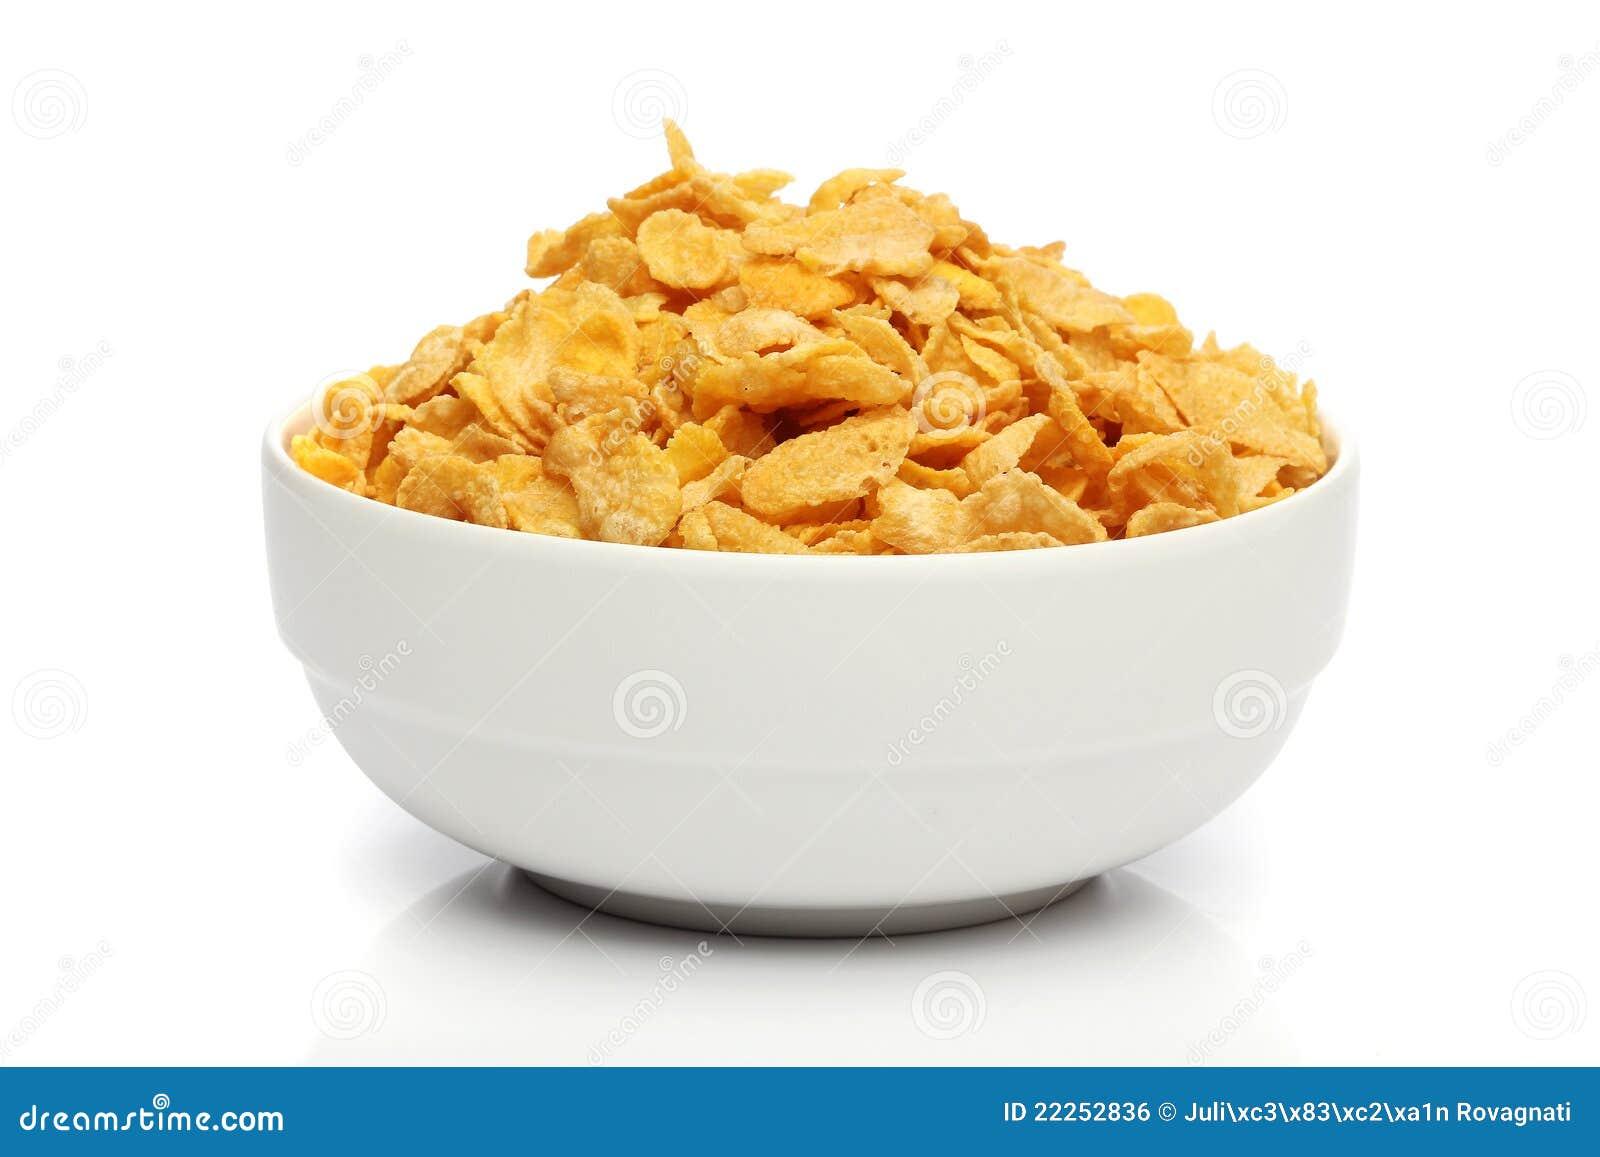 Pila de copos de maíz en un tazón de fuente